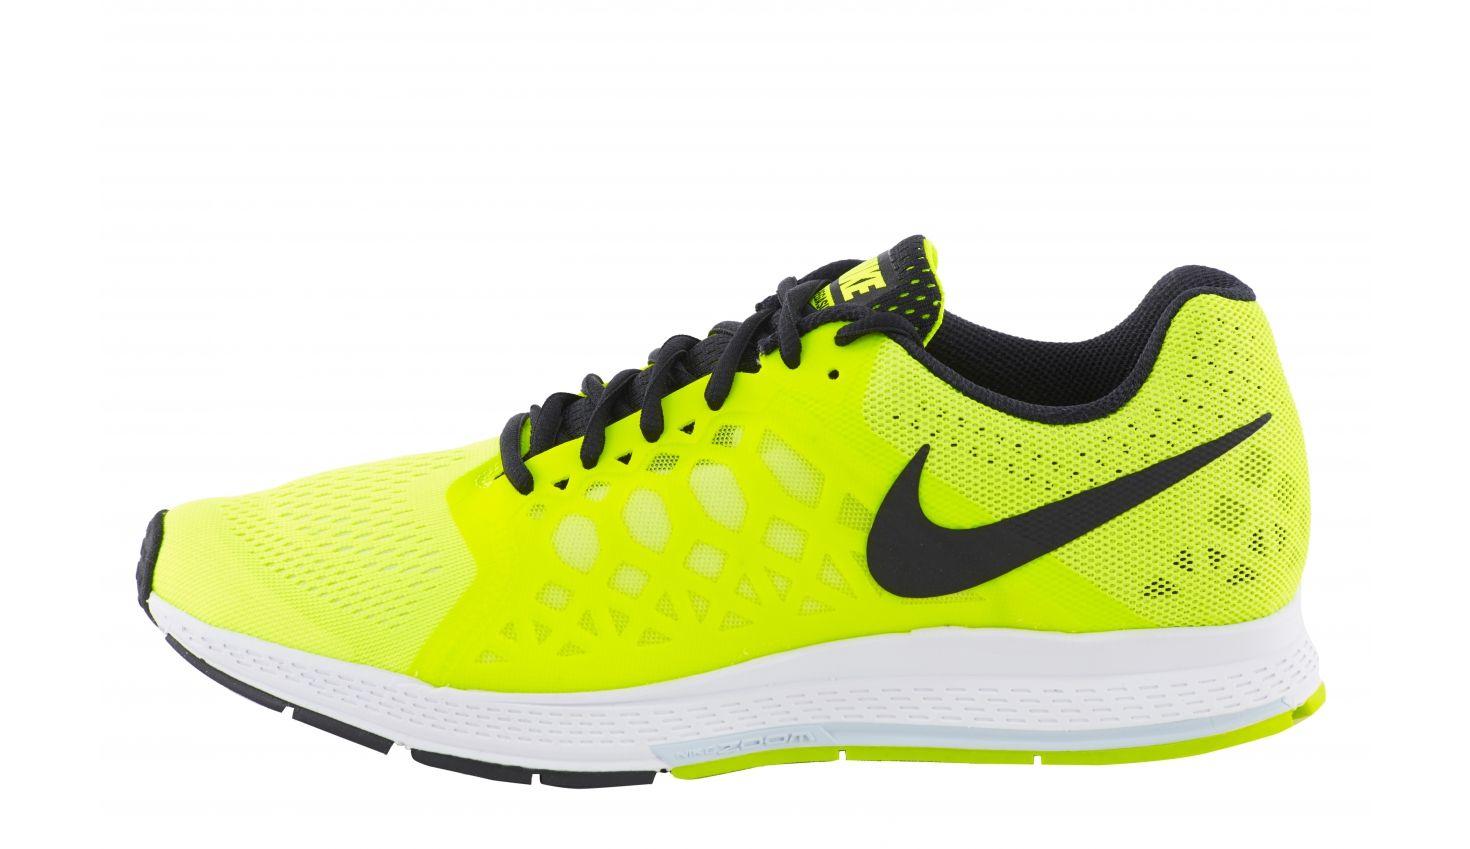 Nike Air Zoom Pegasus 31 - Chaussures course à pied Homme - jaune Achetez  malin sur b28328cf9